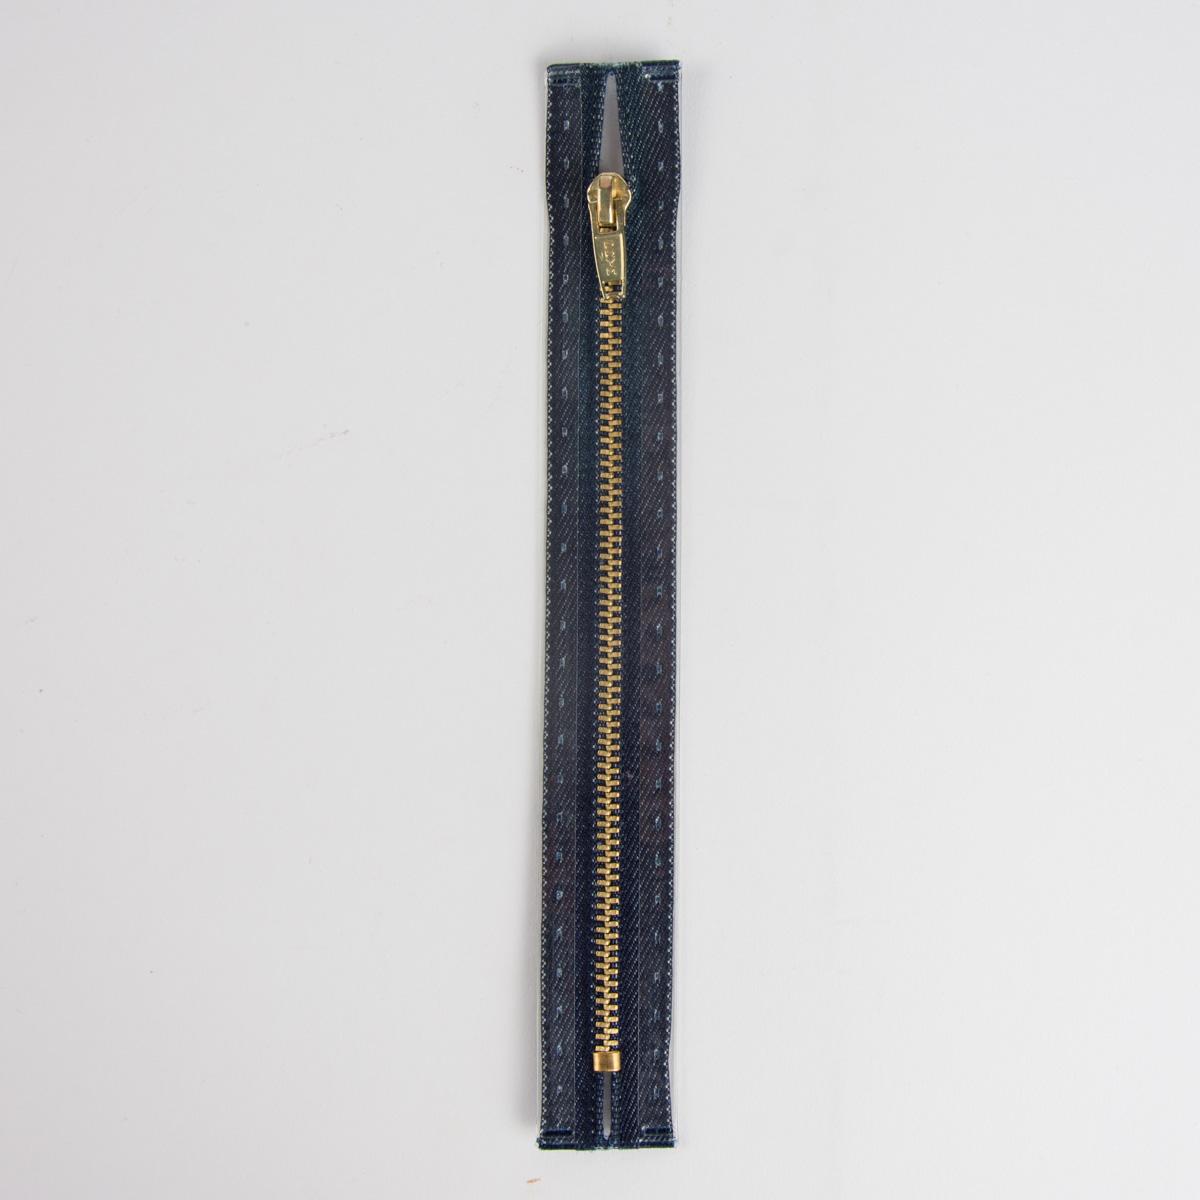 Reißverschluss M8 Typ 5 SSP 18cm go-fb Fla d-jeans